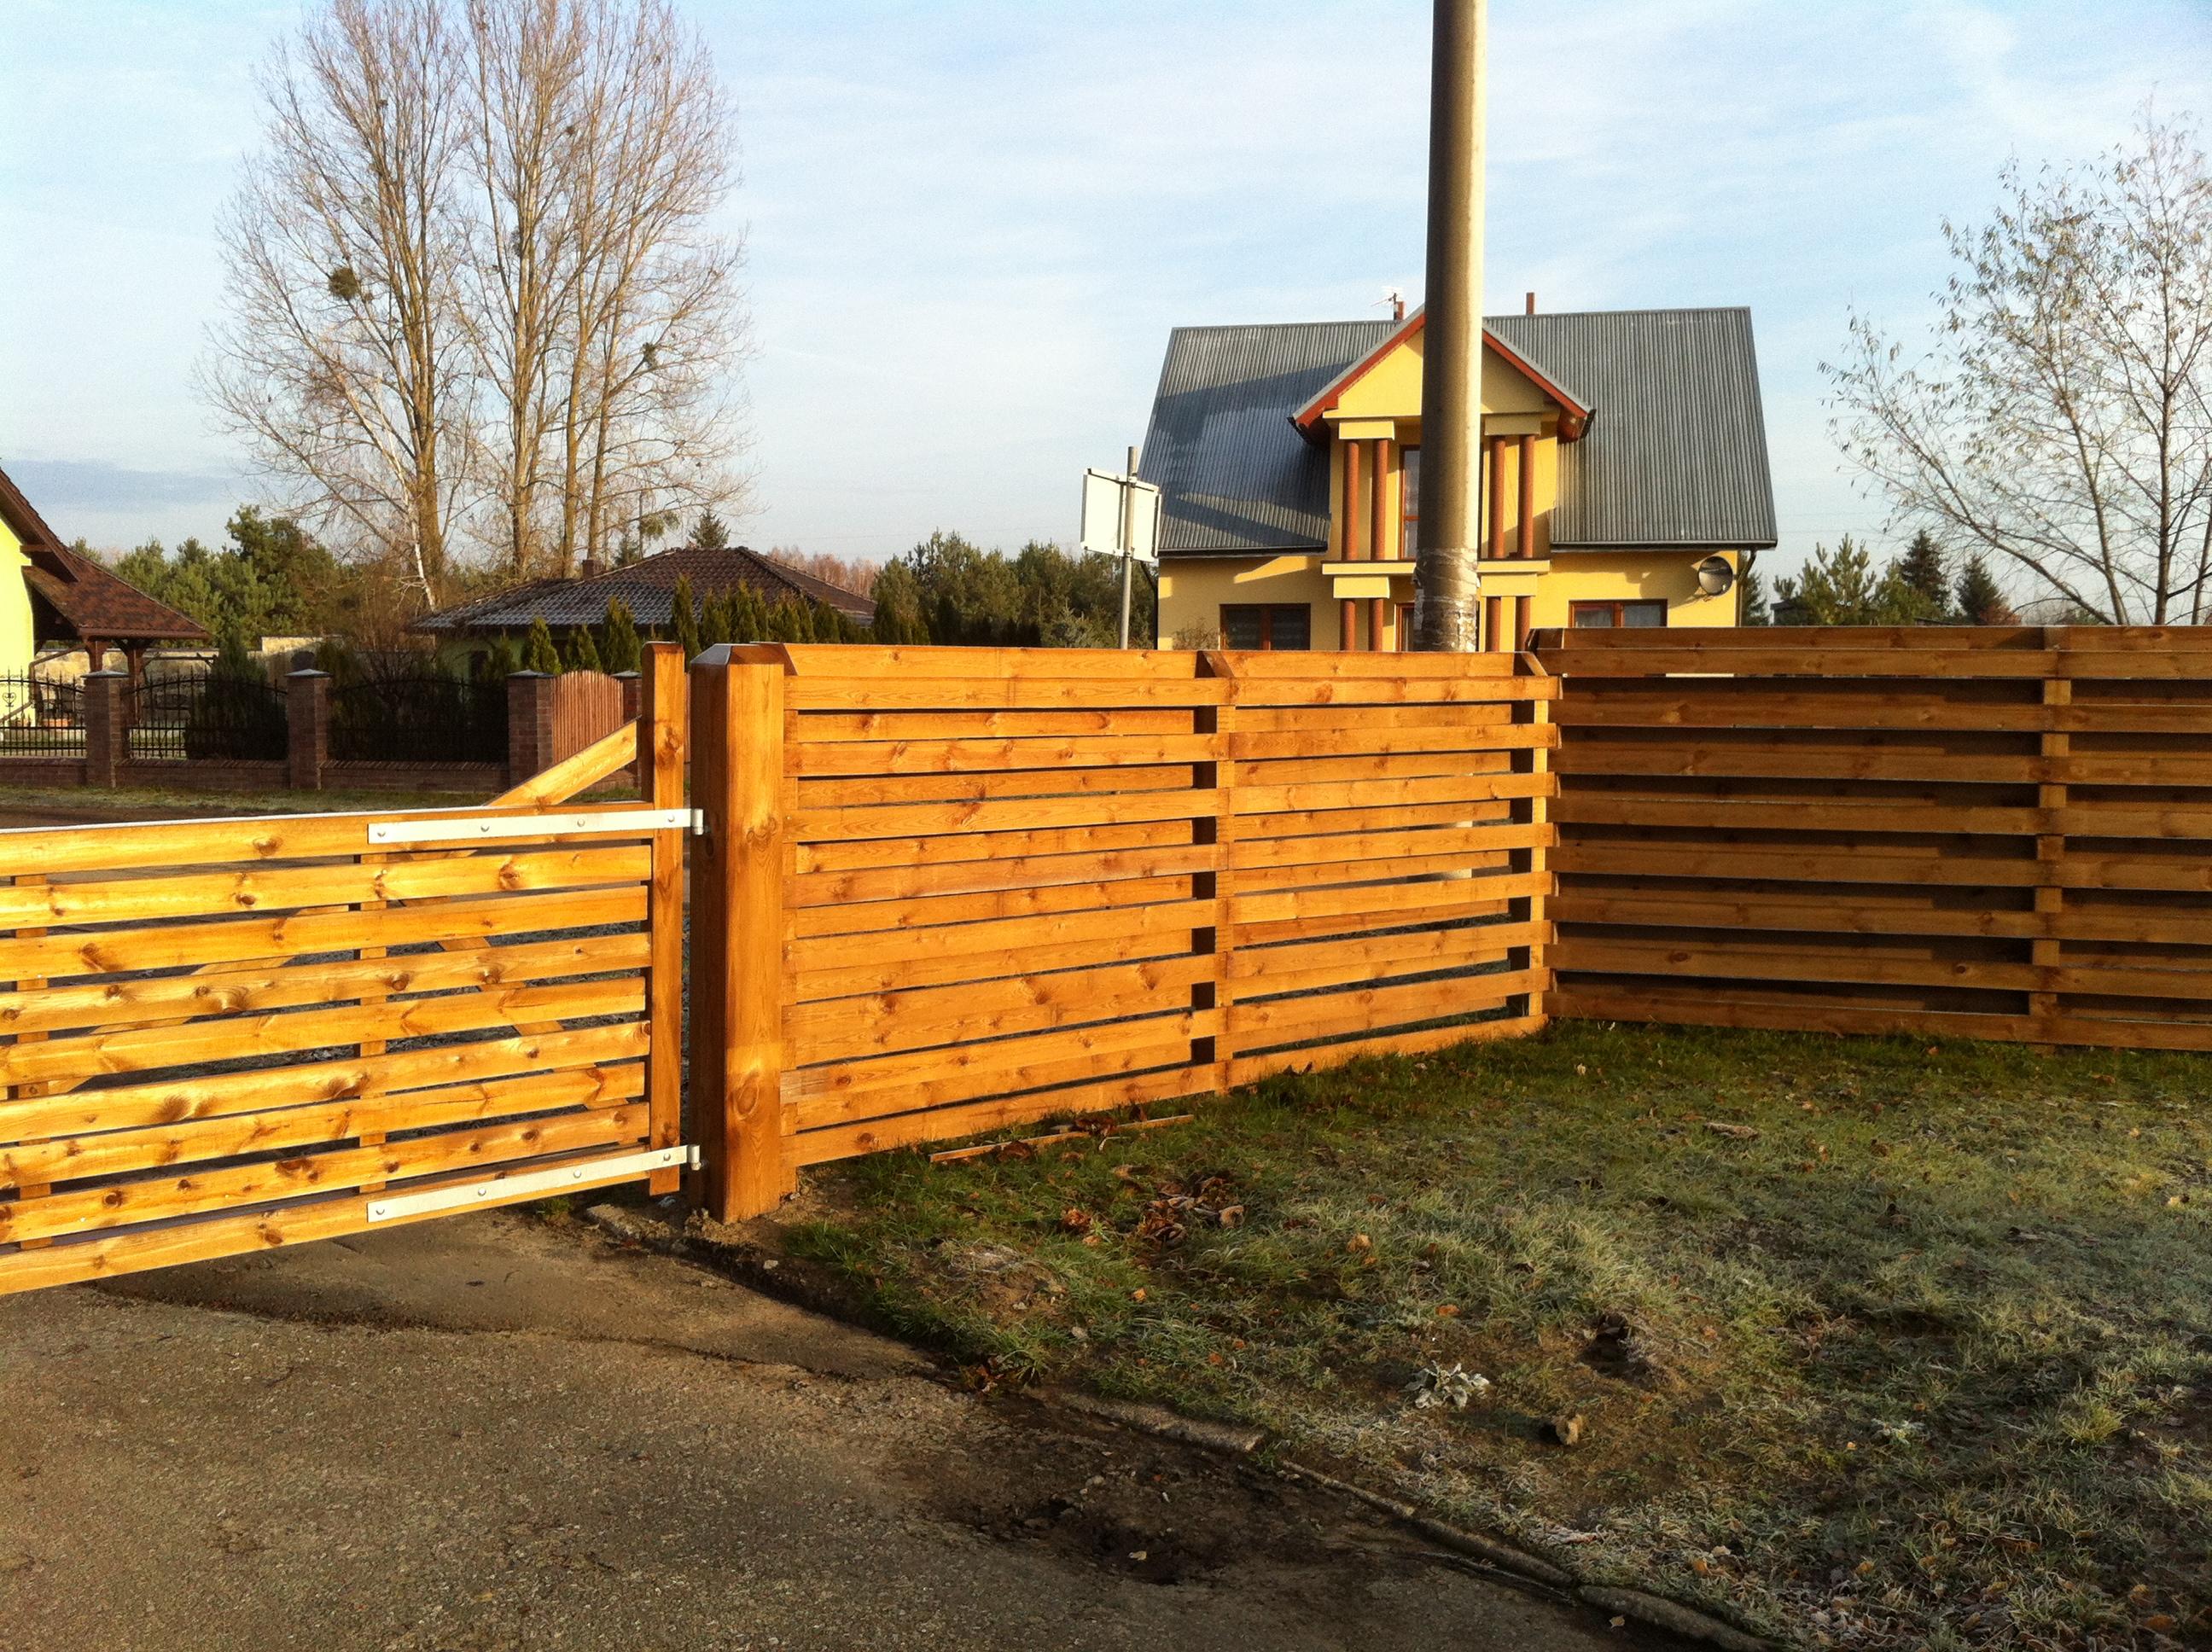 lame terrasse bois brut diverses id es de conception de patio en bois pour votre. Black Bedroom Furniture Sets. Home Design Ideas